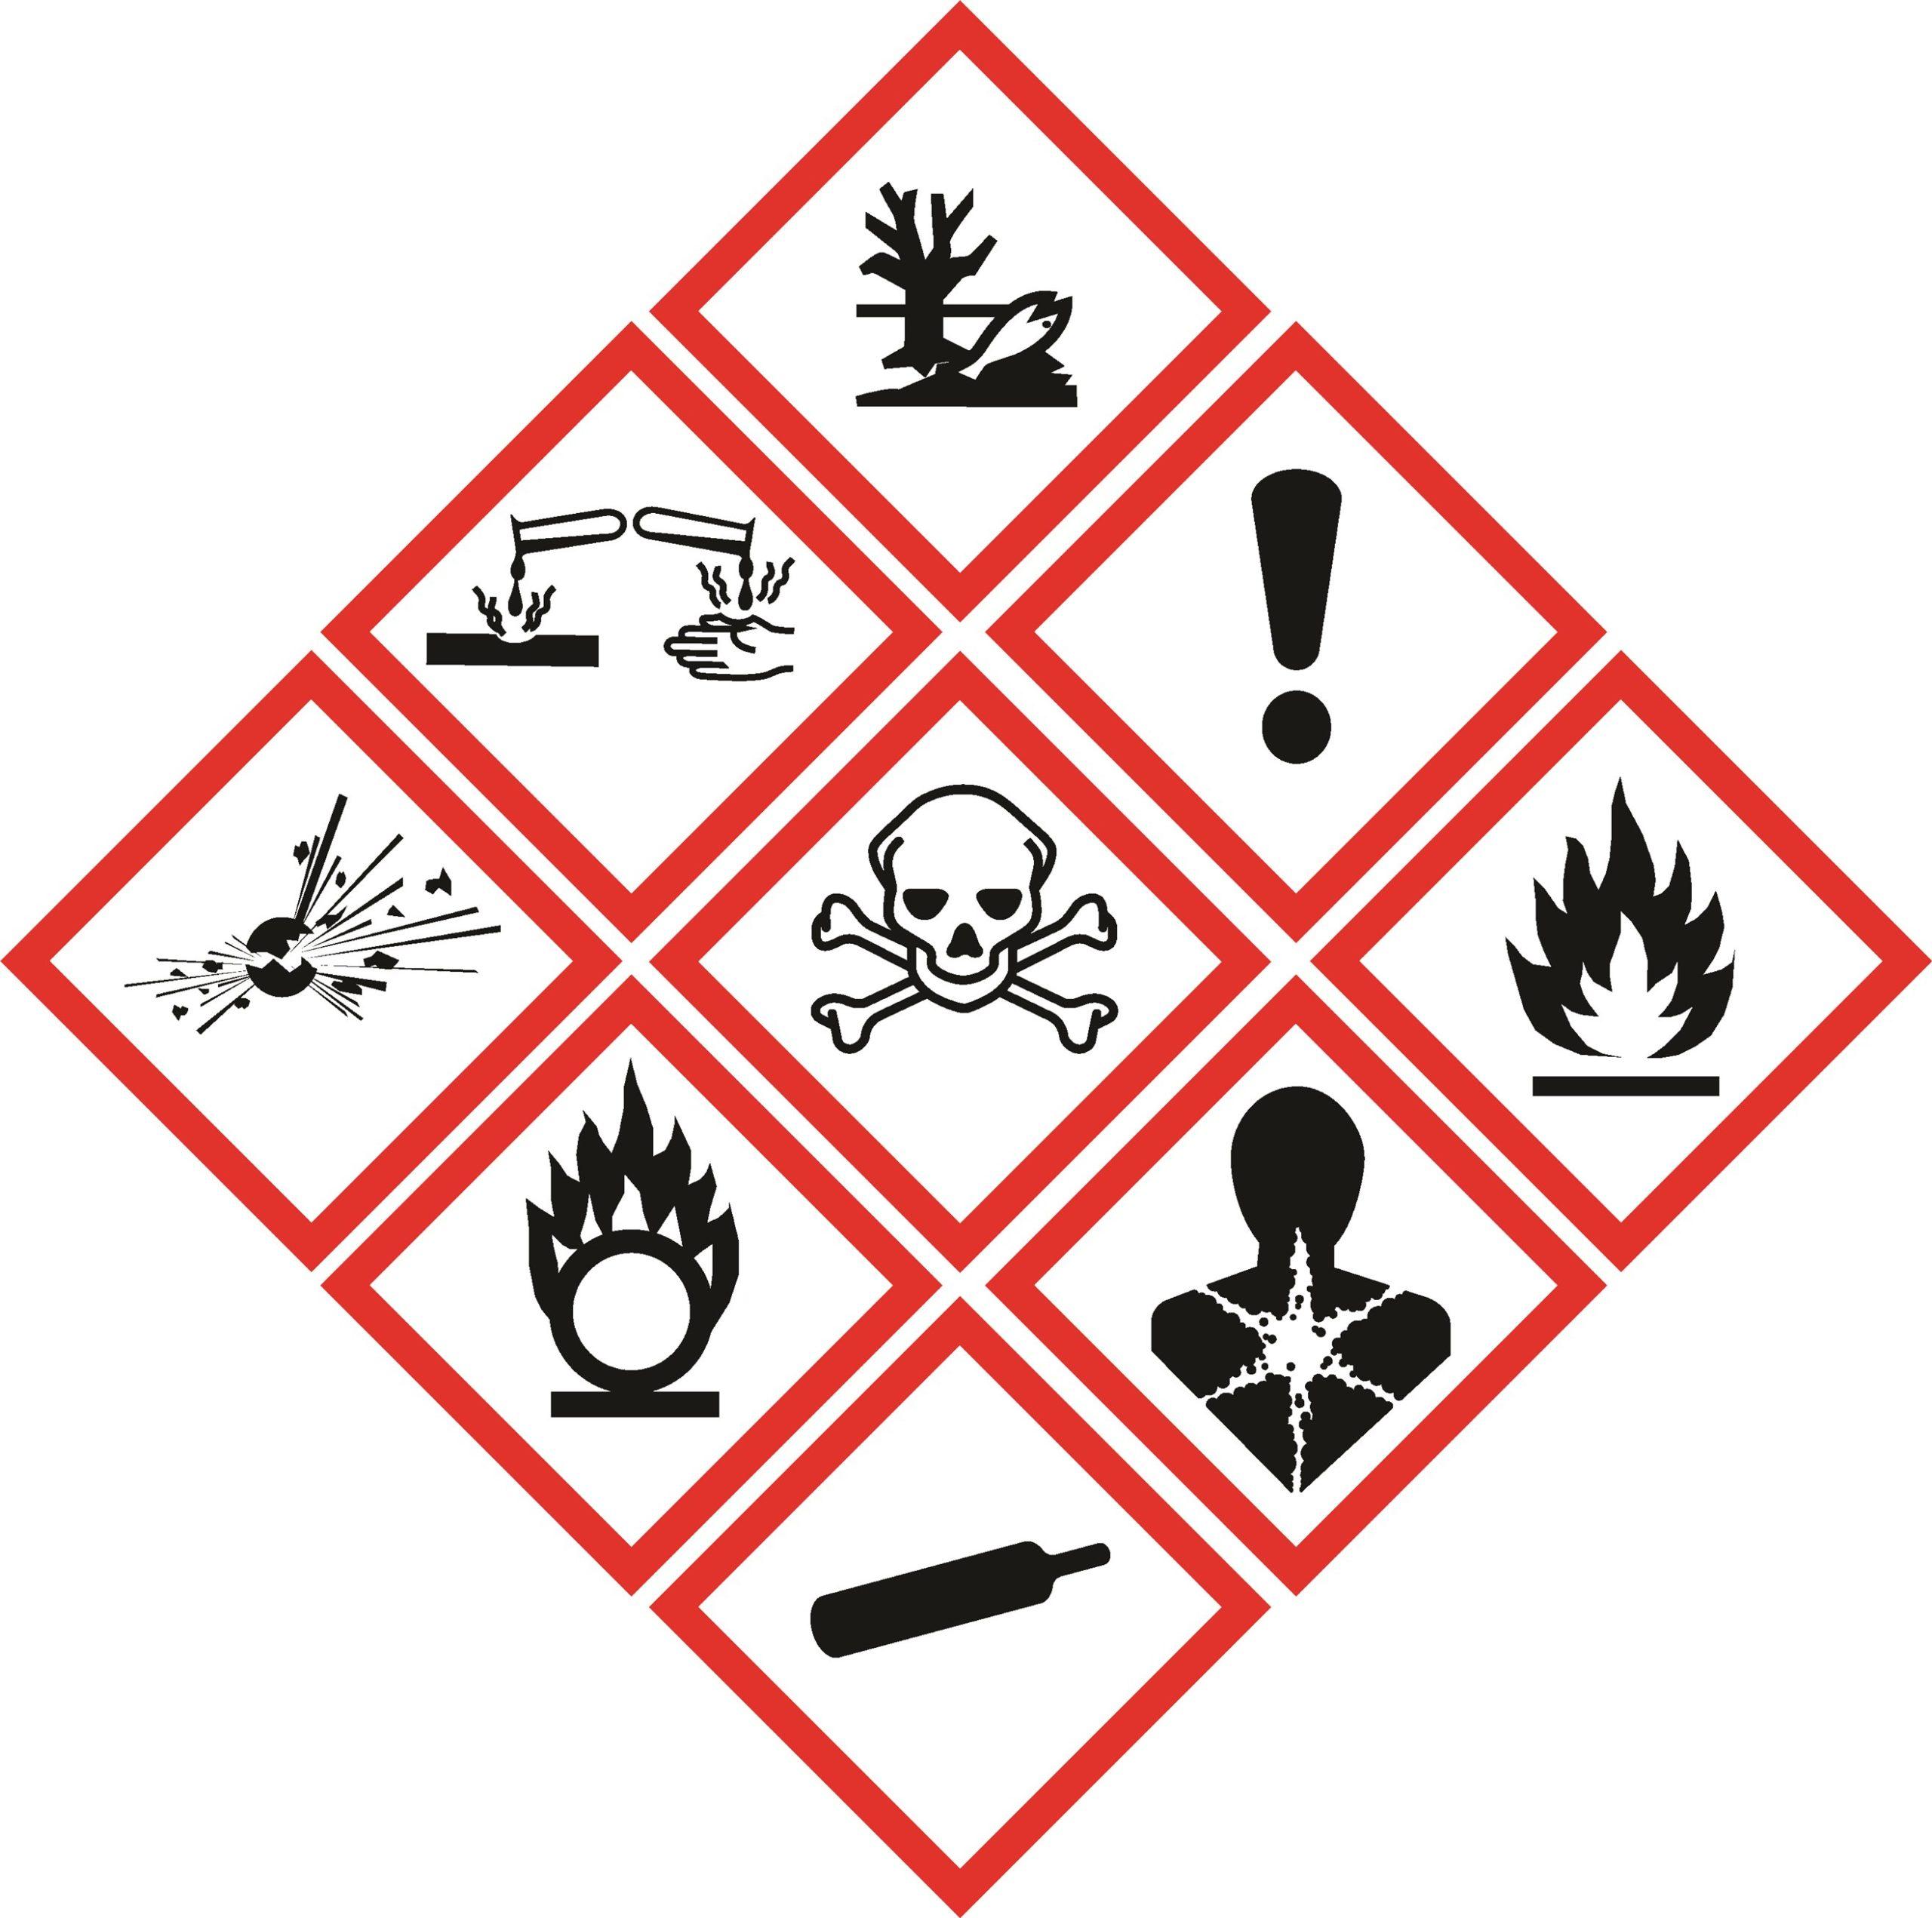 Nuevos pictogramas para el etiquetado de residuos peligrosos - productor de  sostenibilidad